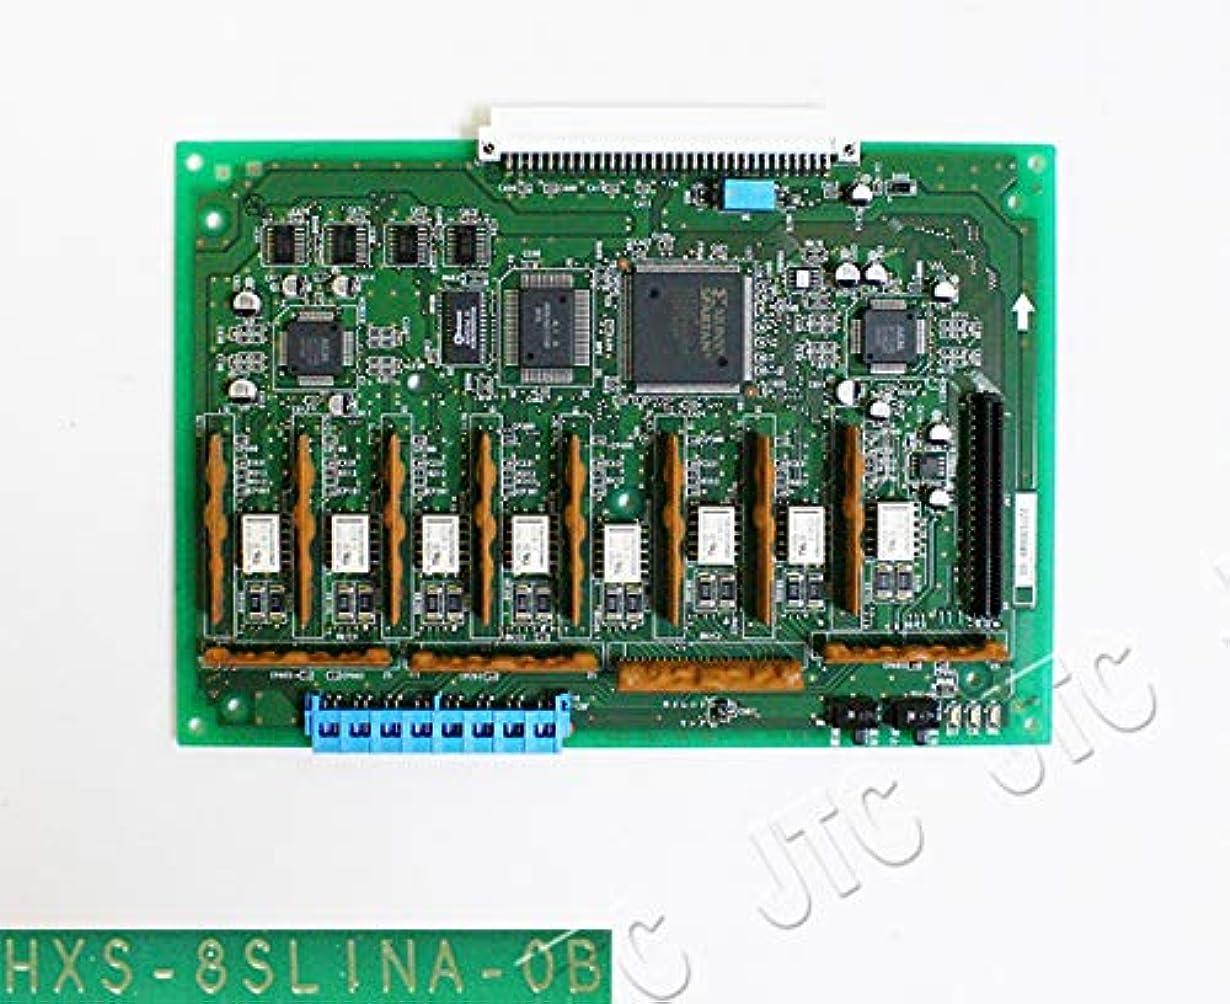 繁殖想定する困惑したhitachi-ite 日立 HXS-8SLINA-0B HXS 8回路単独電話機ライン回路A